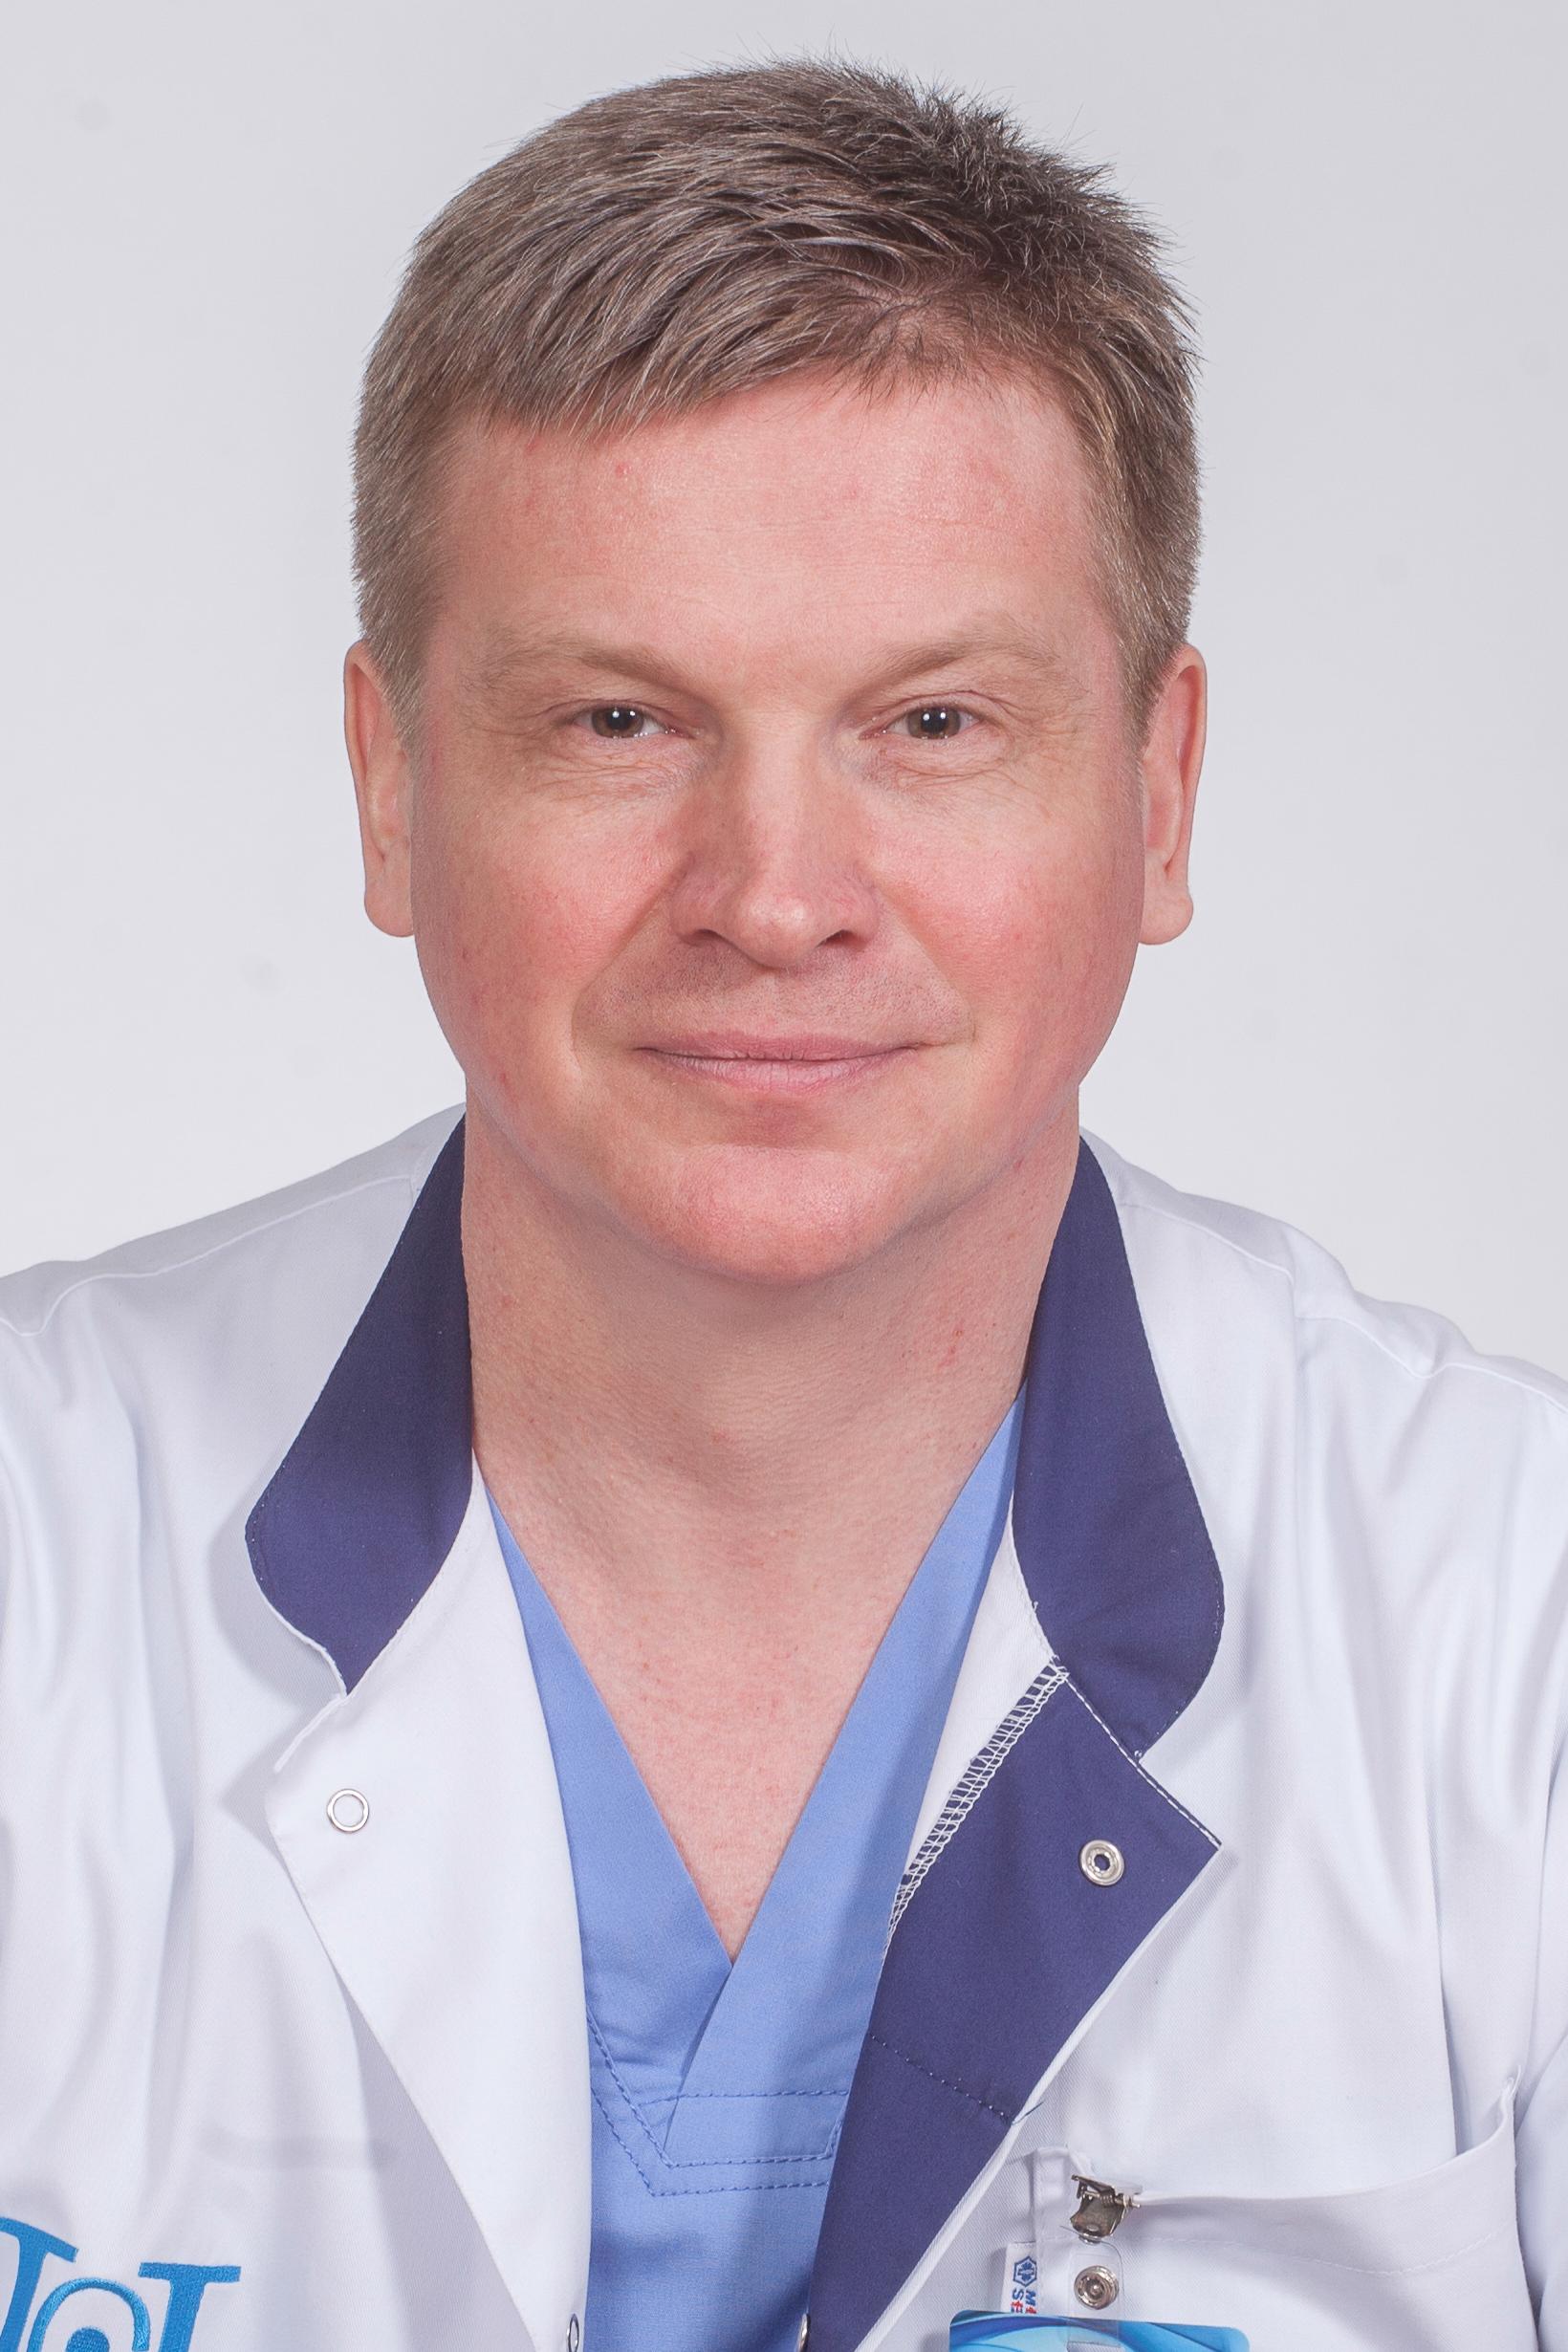 Демидов Дмитрий Александрович